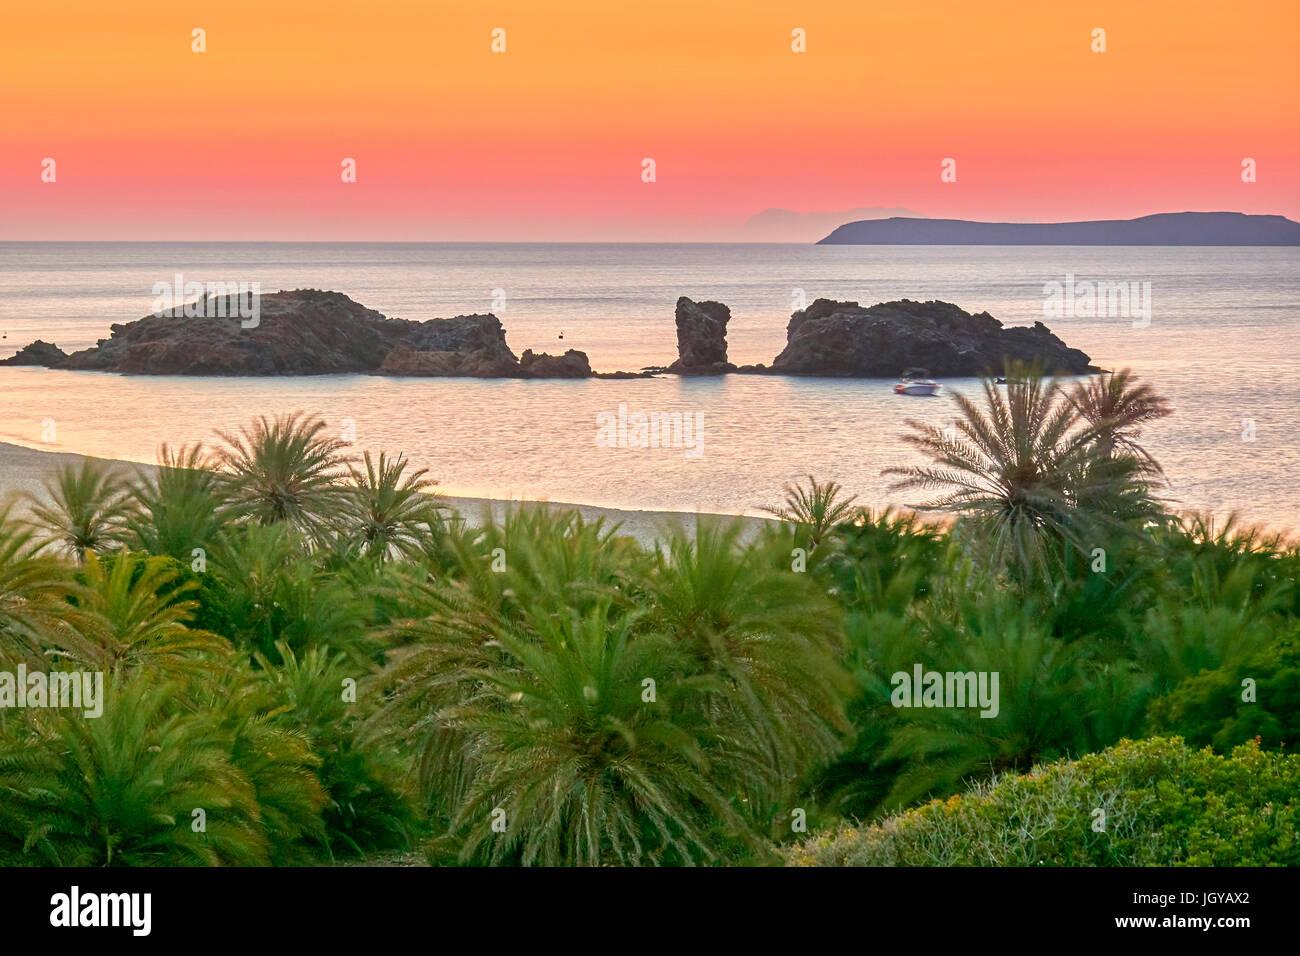 Dämmerung vor Sonnenaufgang am Strand von Vai, Insel Kreta, Griechenland Stockbild